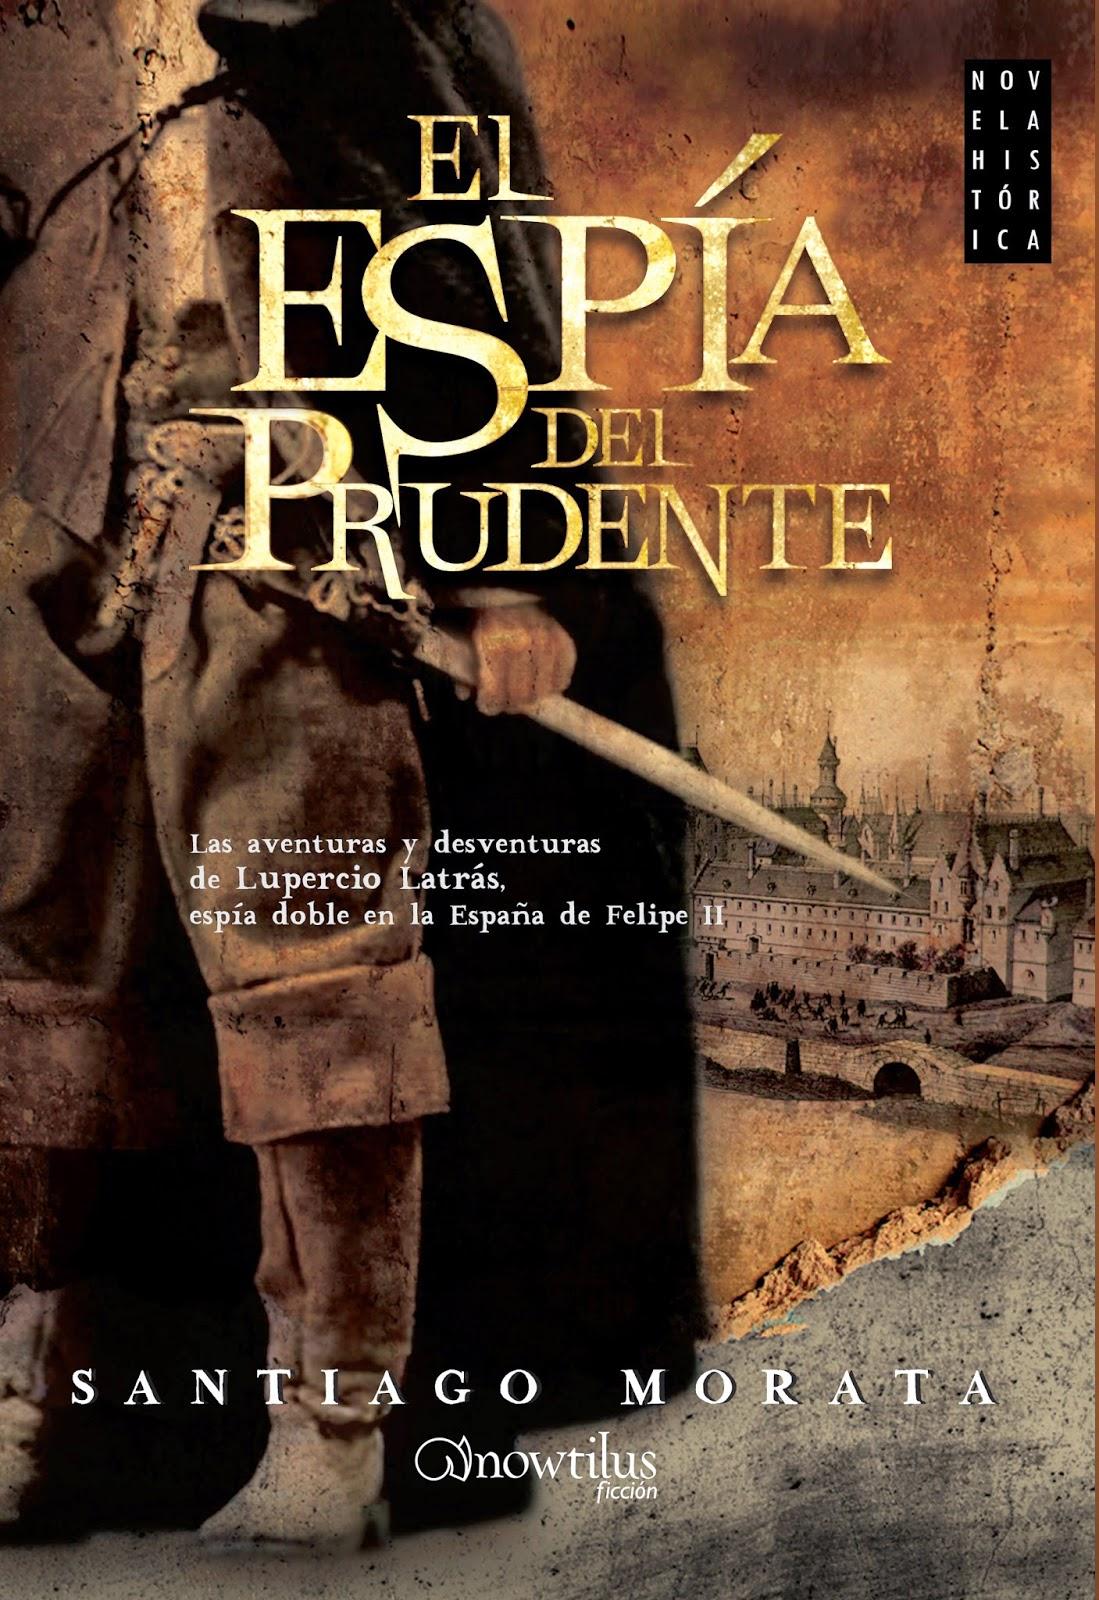 El espía del prudente - Santiago Morata (2014)